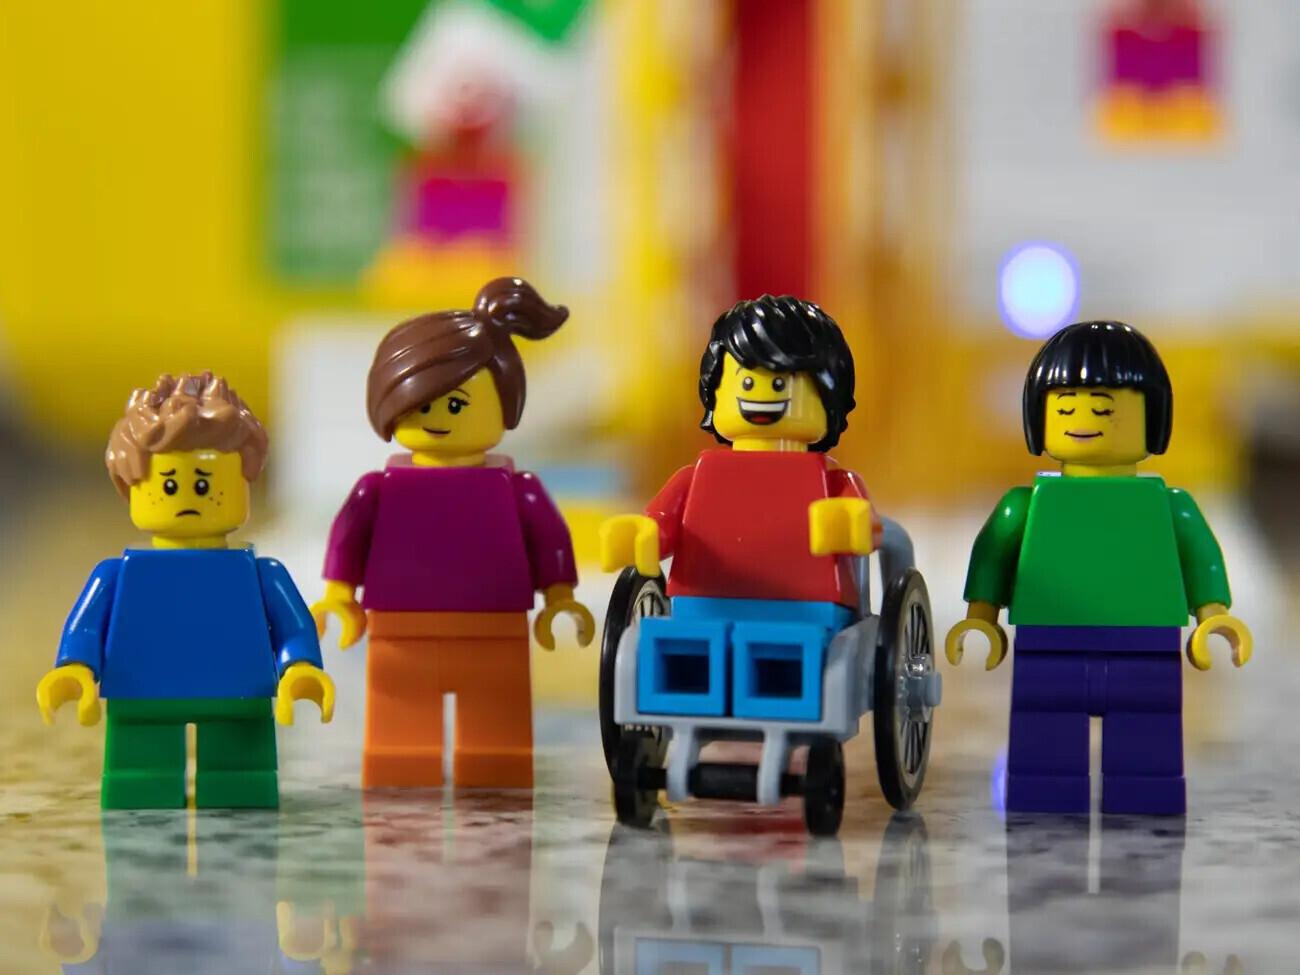 Lego випустила освітній набір, який вчить школярів робототехніці та програмуванню - dity